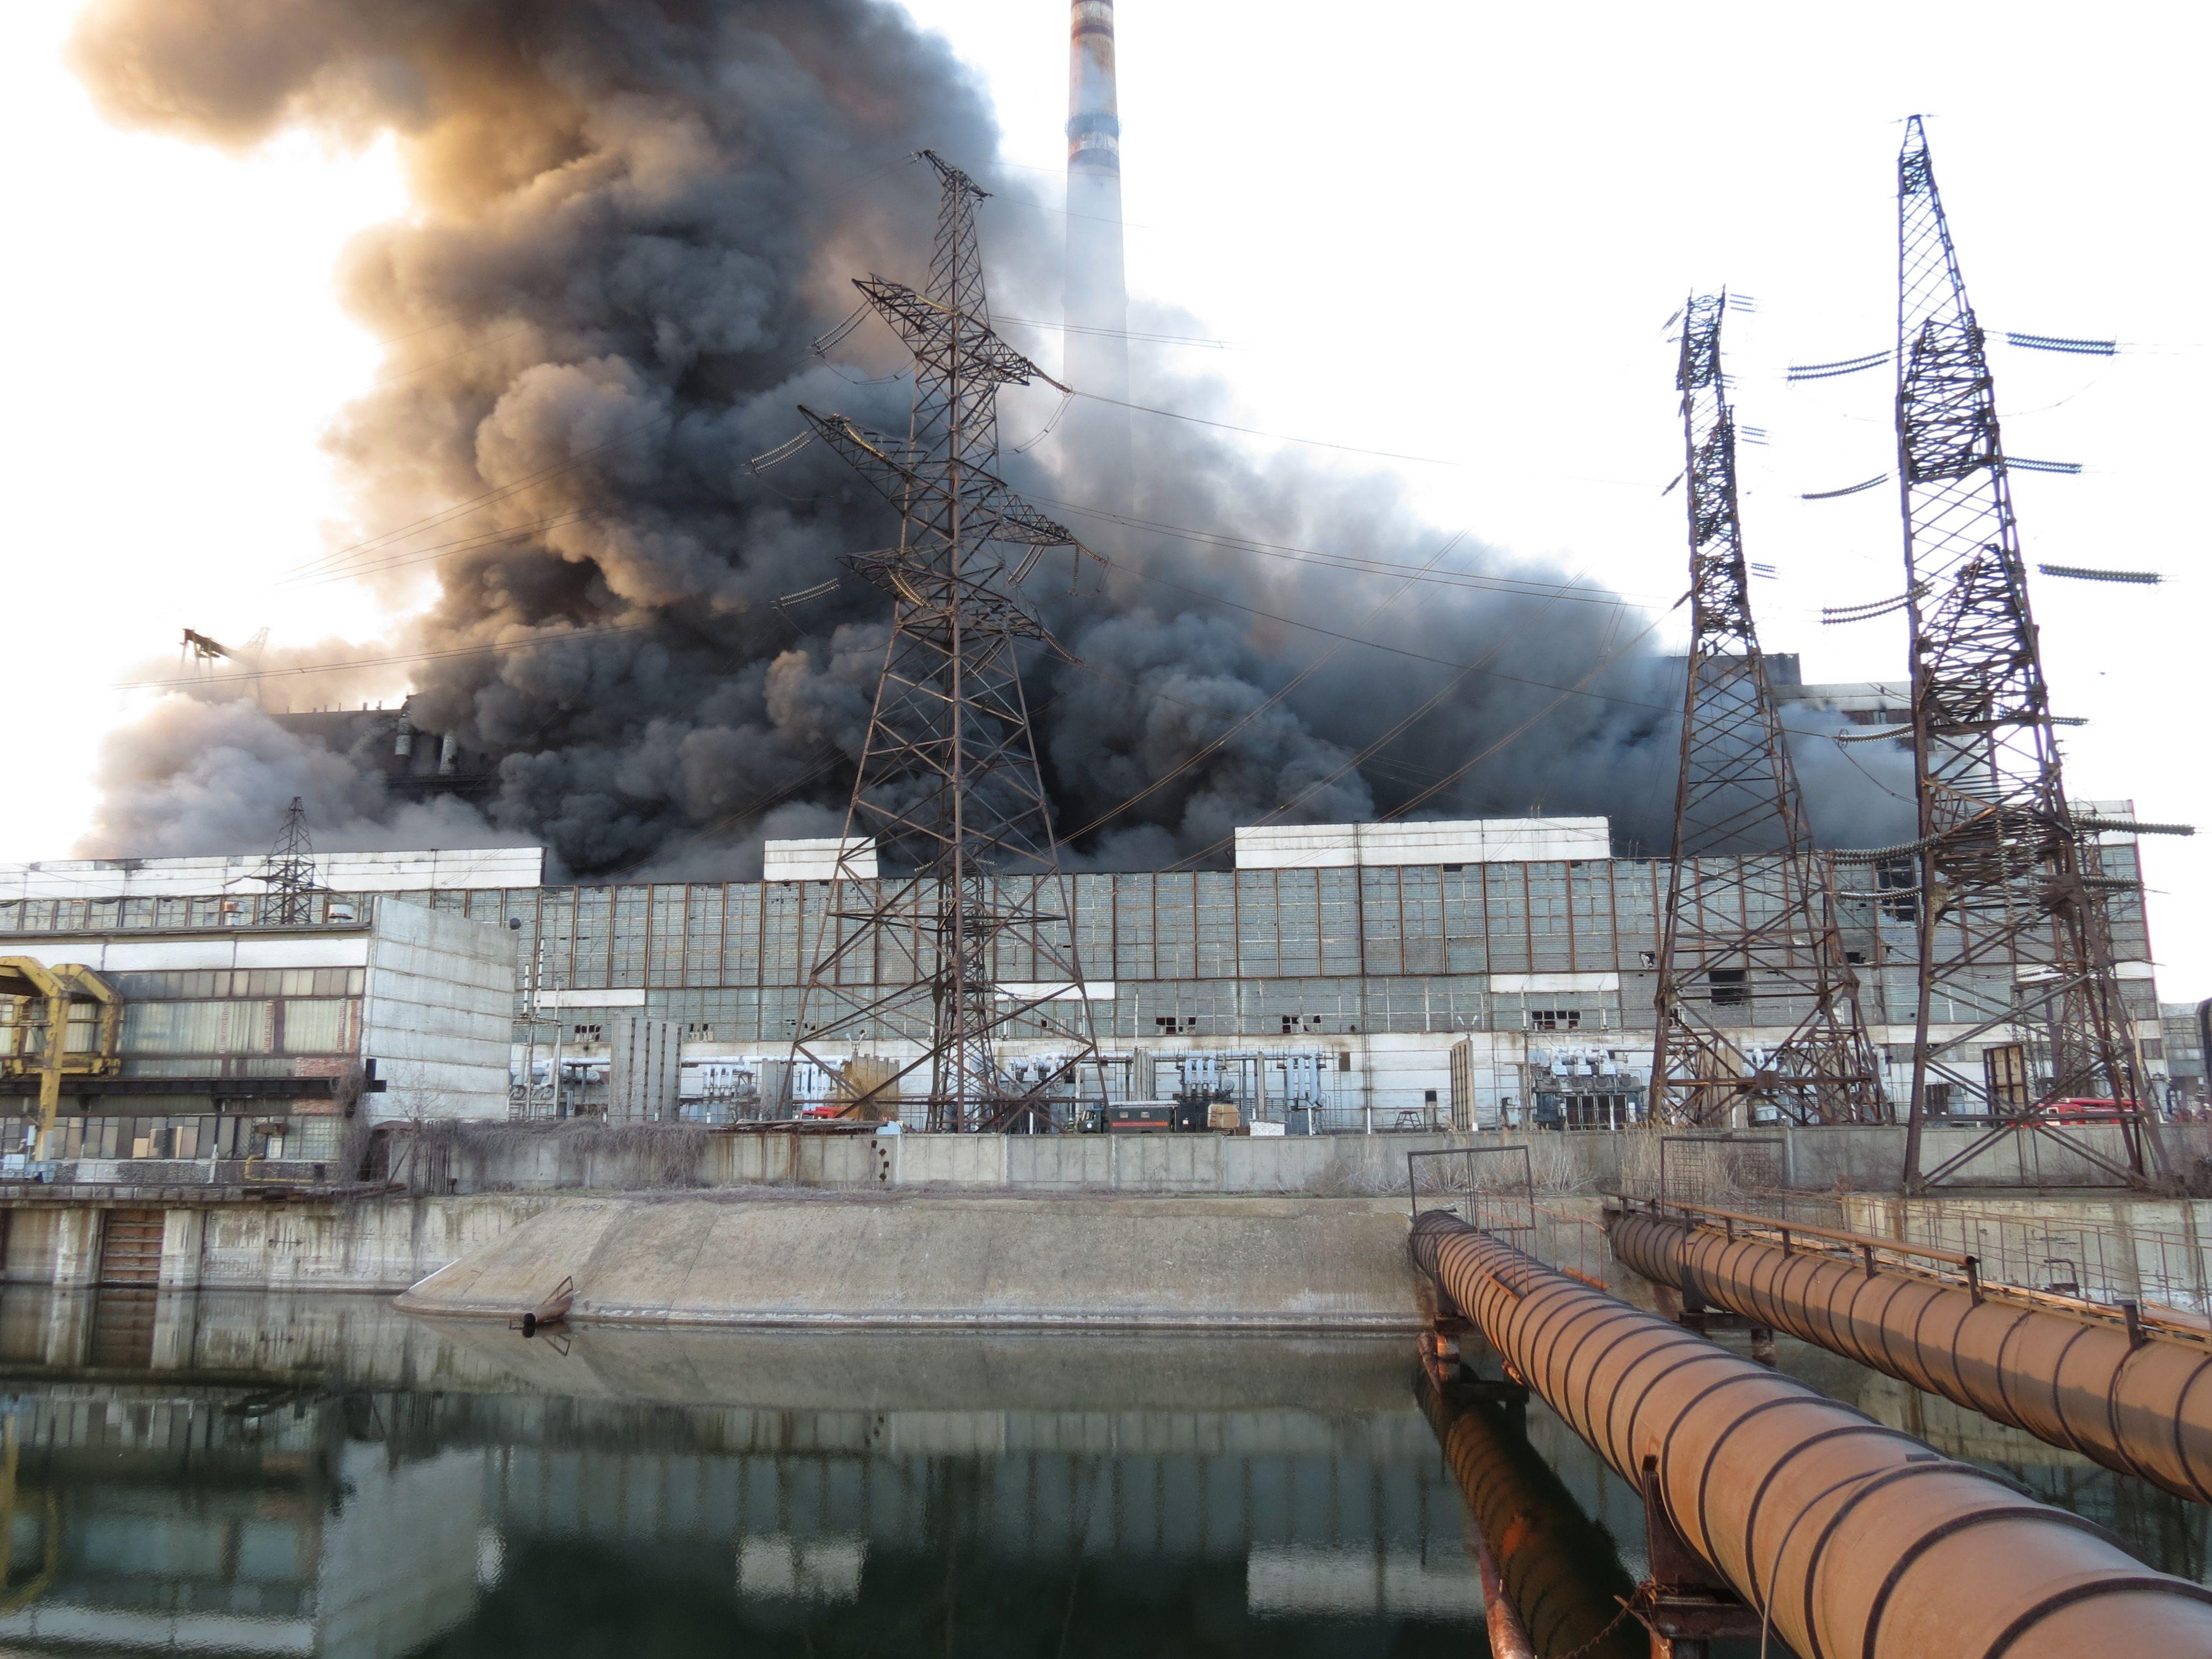 На ТЭС уничтожены 4 энергоблока